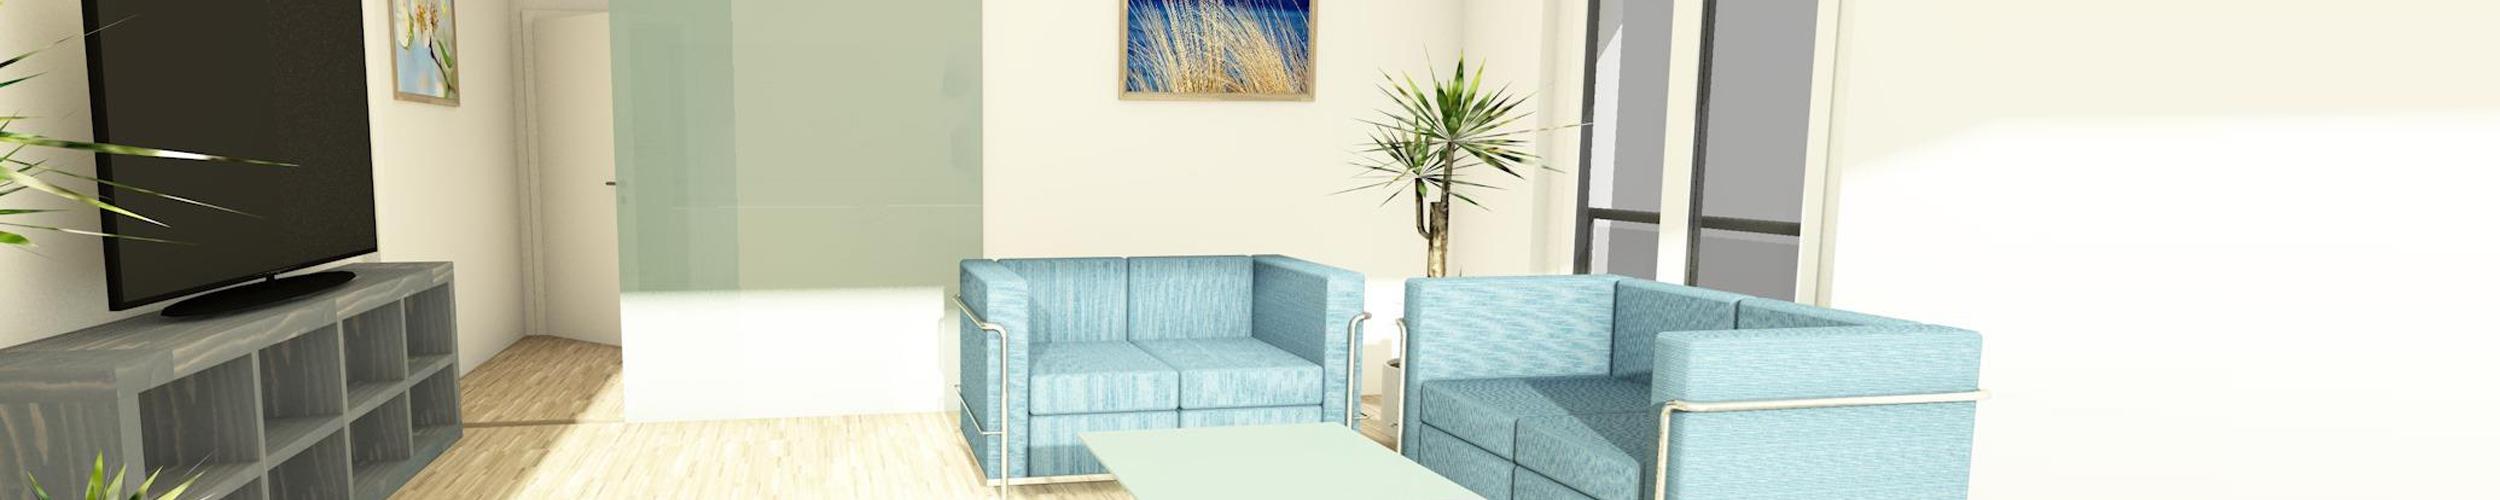 2 zimmer wohnung m llerstra e lippstadt 2 og links mieten bwg2punkt17. Black Bedroom Furniture Sets. Home Design Ideas